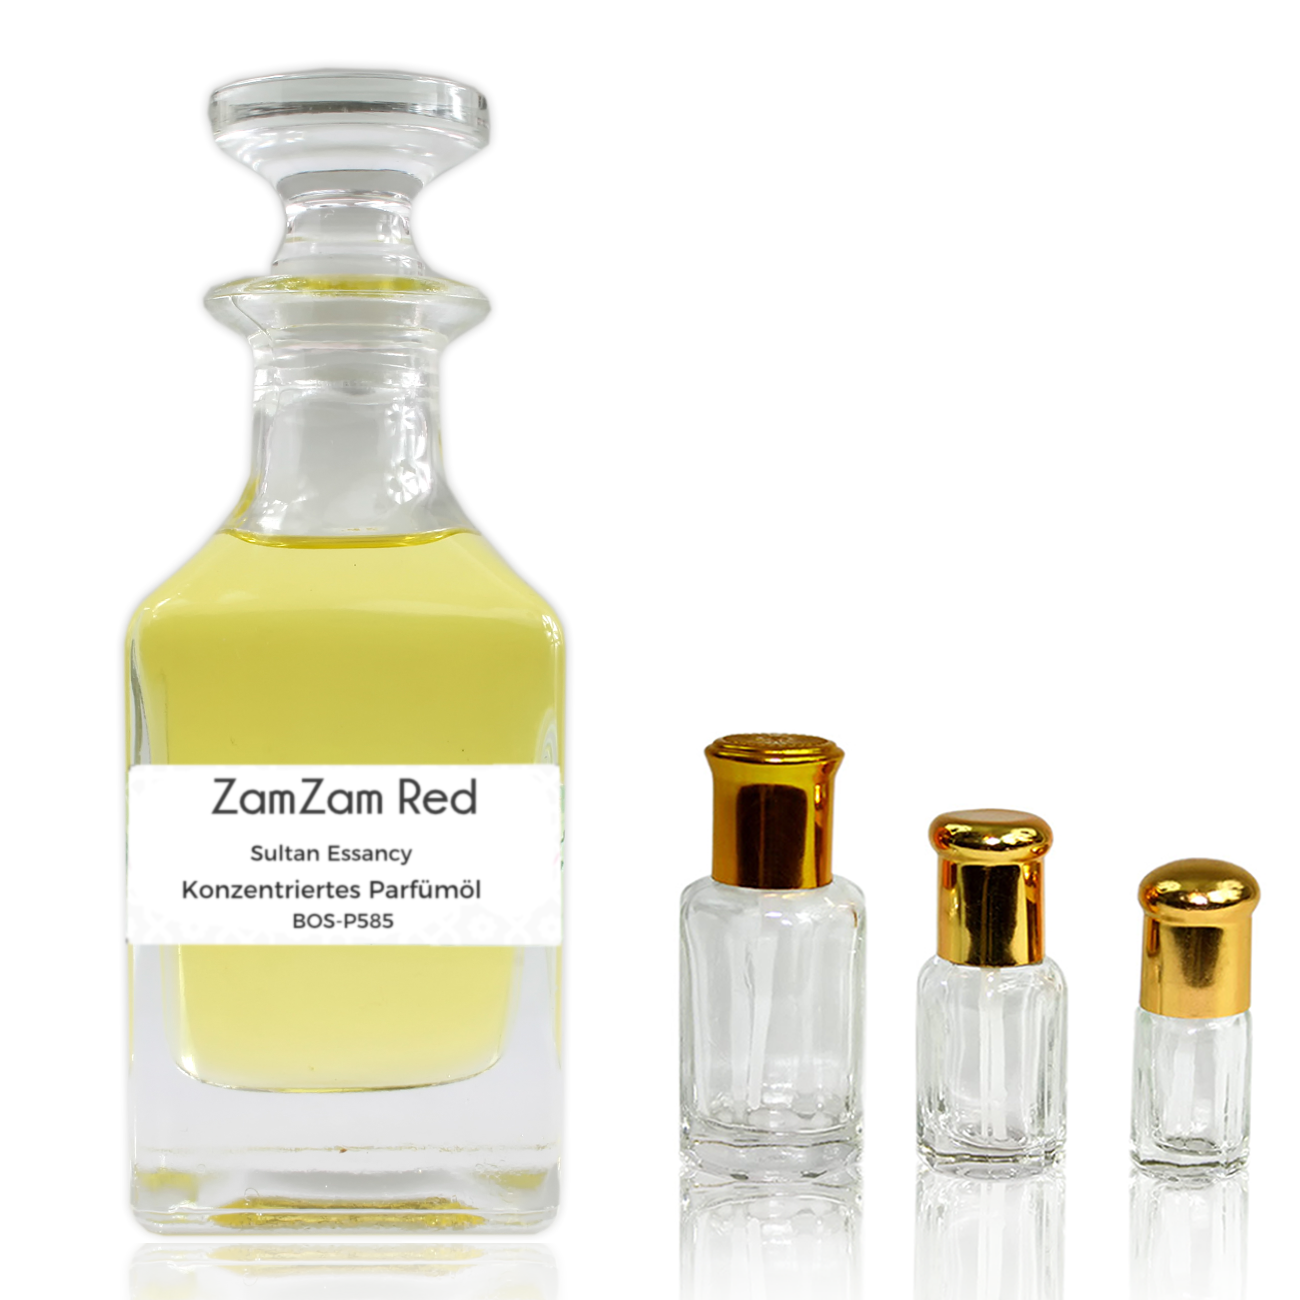 Parfümöl ZamZam Red von Sultan Essancy